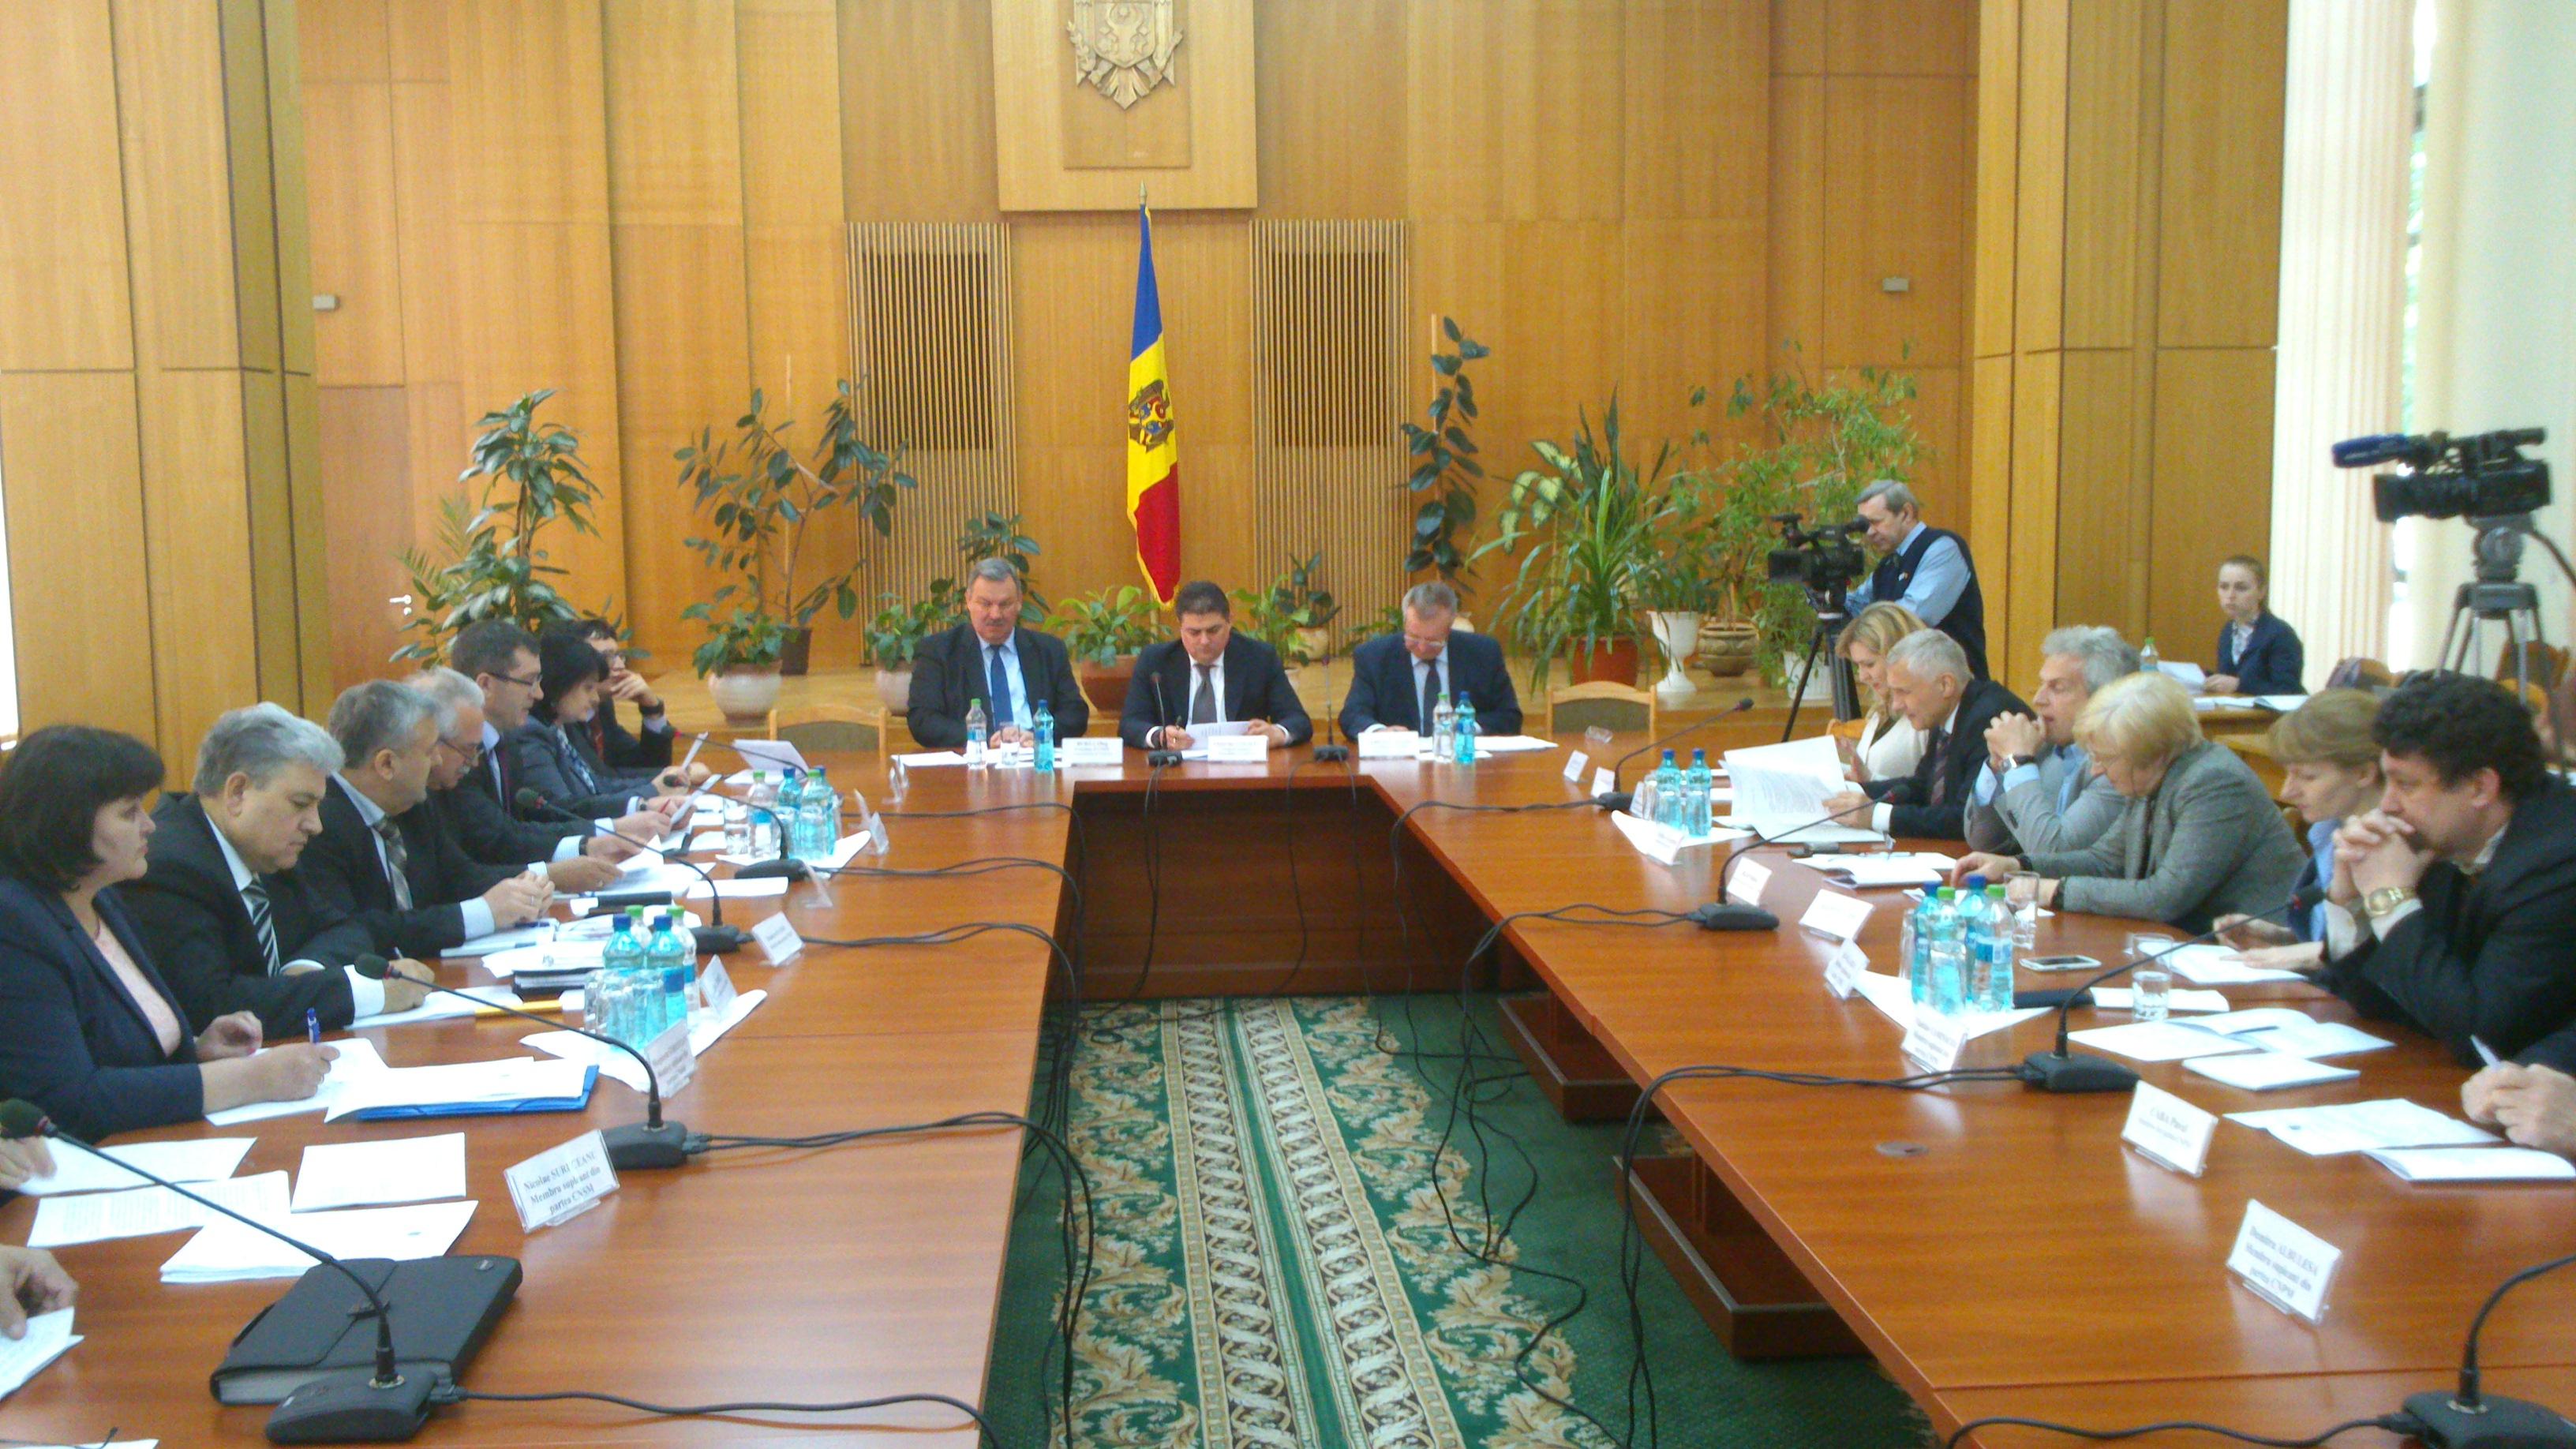 Astăzi a avut loc şedinţa Comisiei naţionale pentru consultări şi negocieri colective